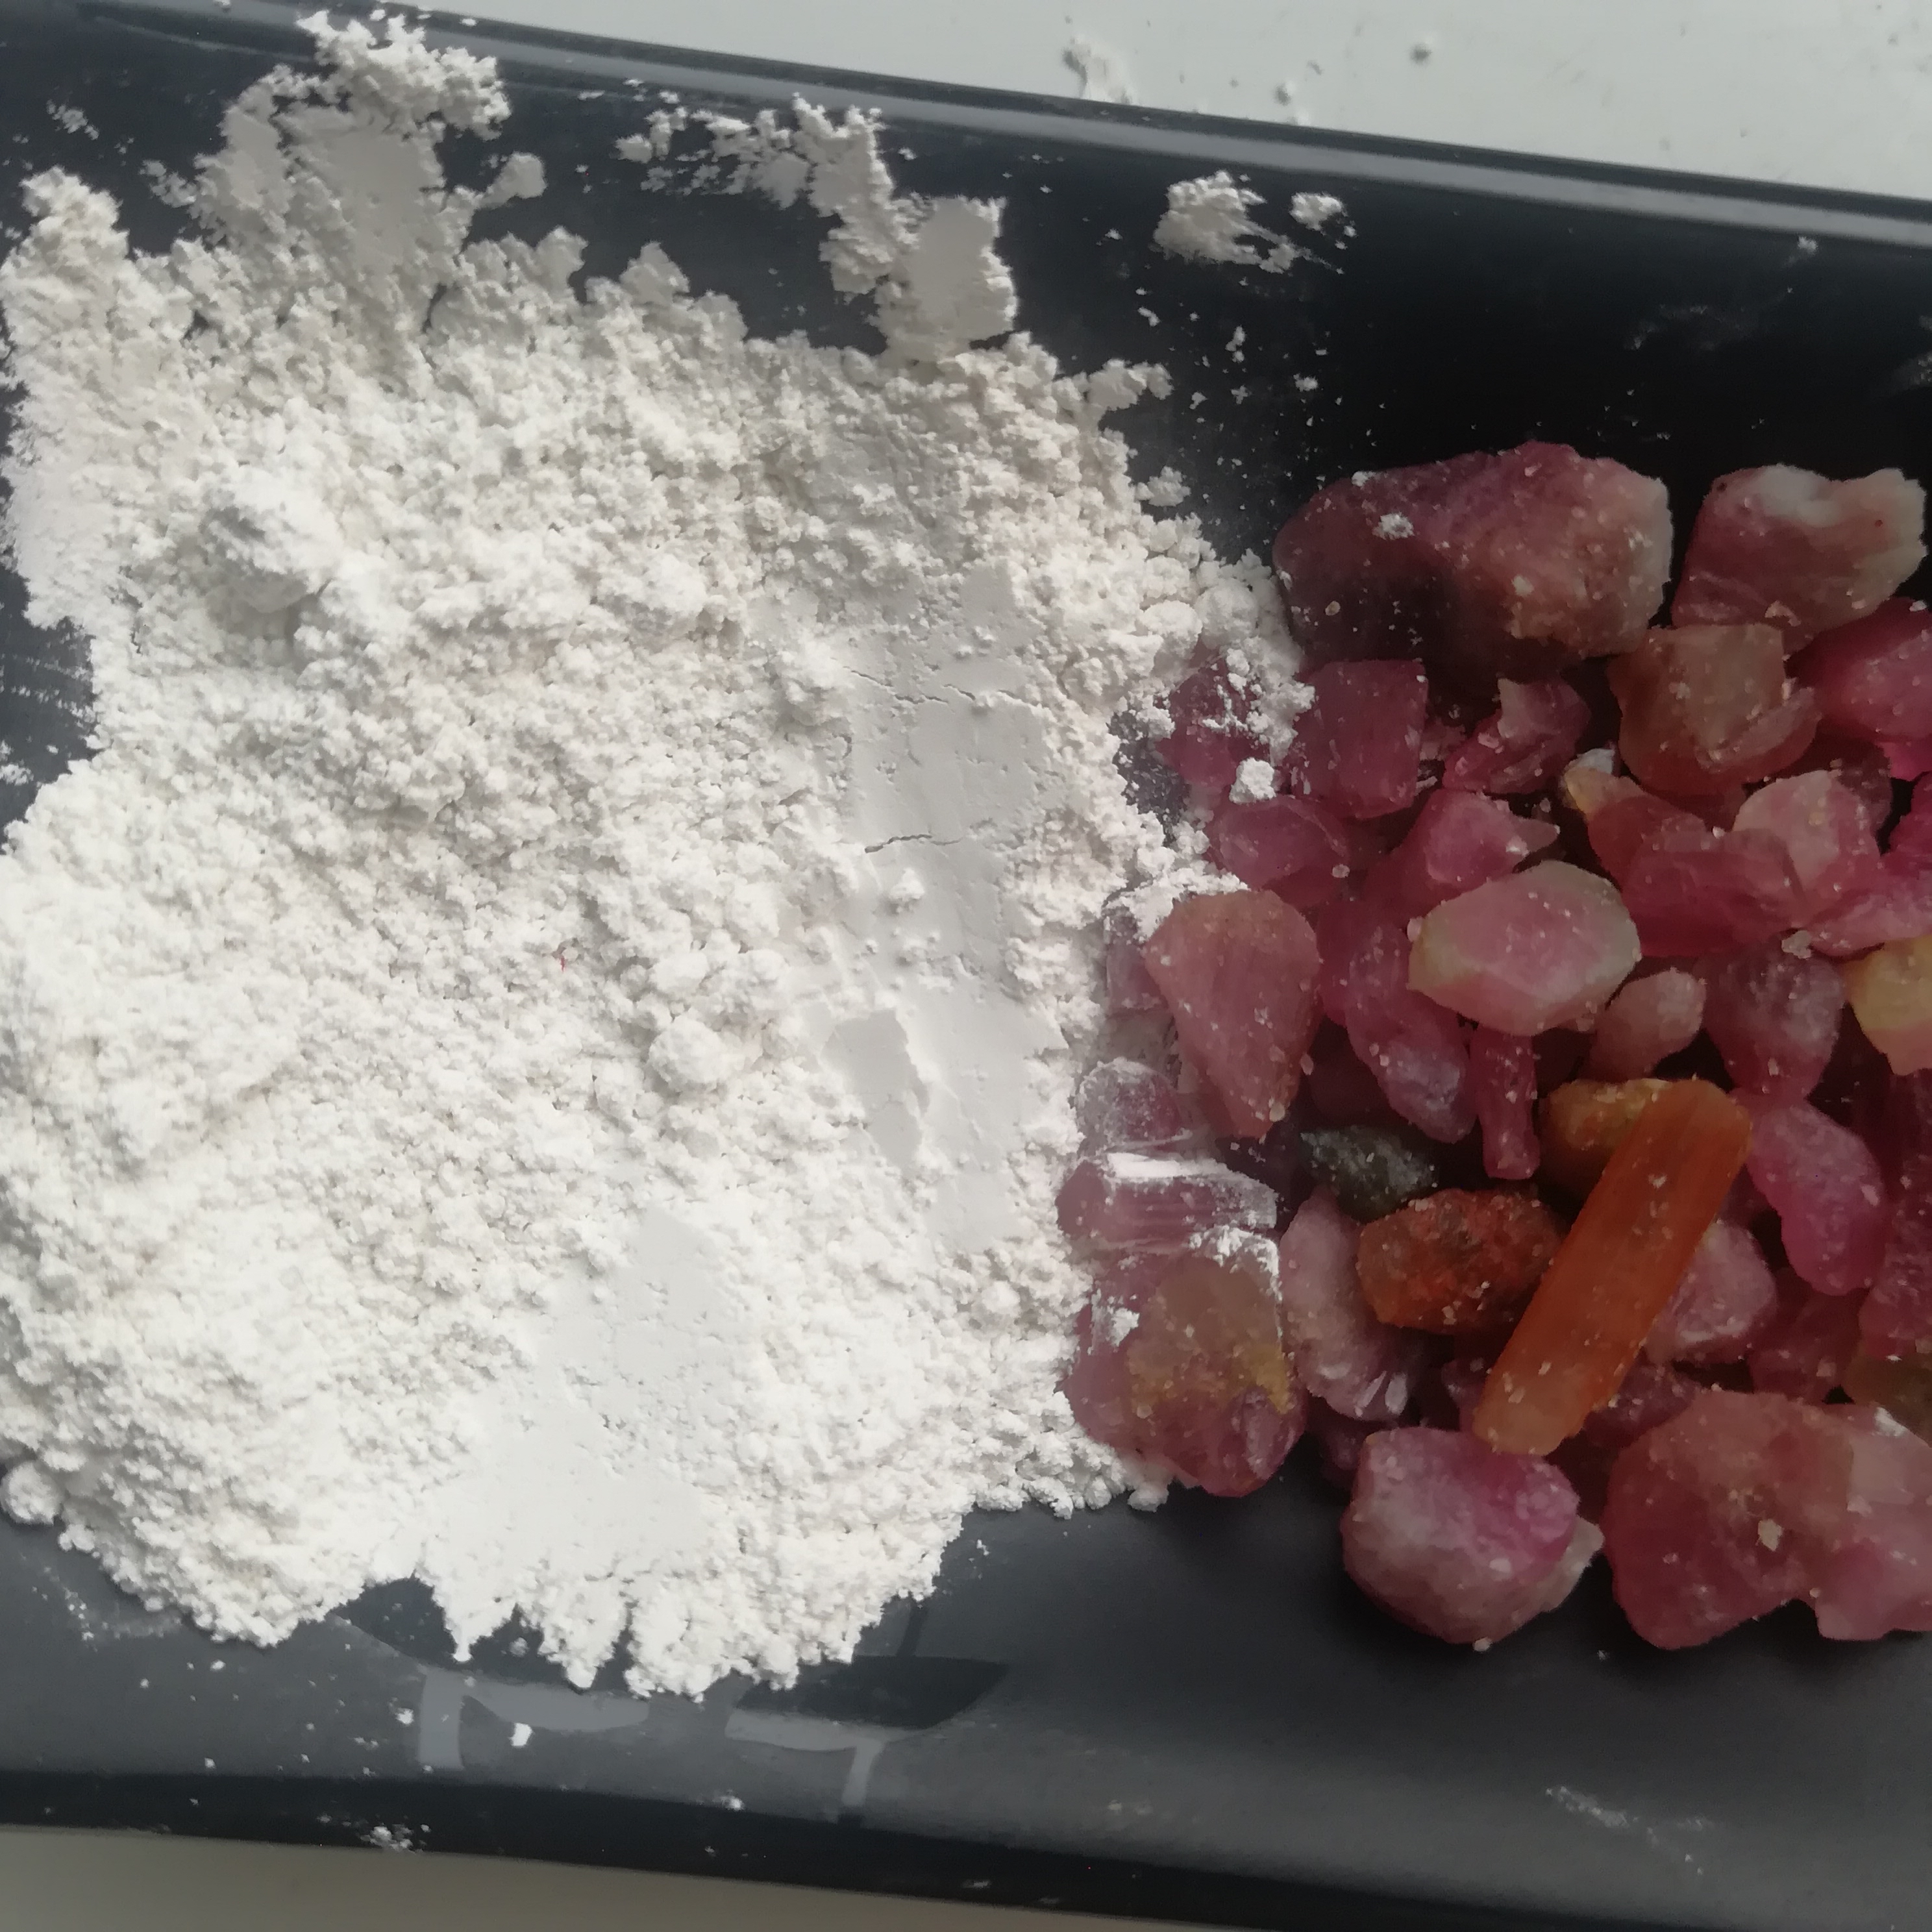 供应白色电气石粉 超白超细电气石粉 托玛琳粉 涂料防辐射背心衬衫用白电气石粉